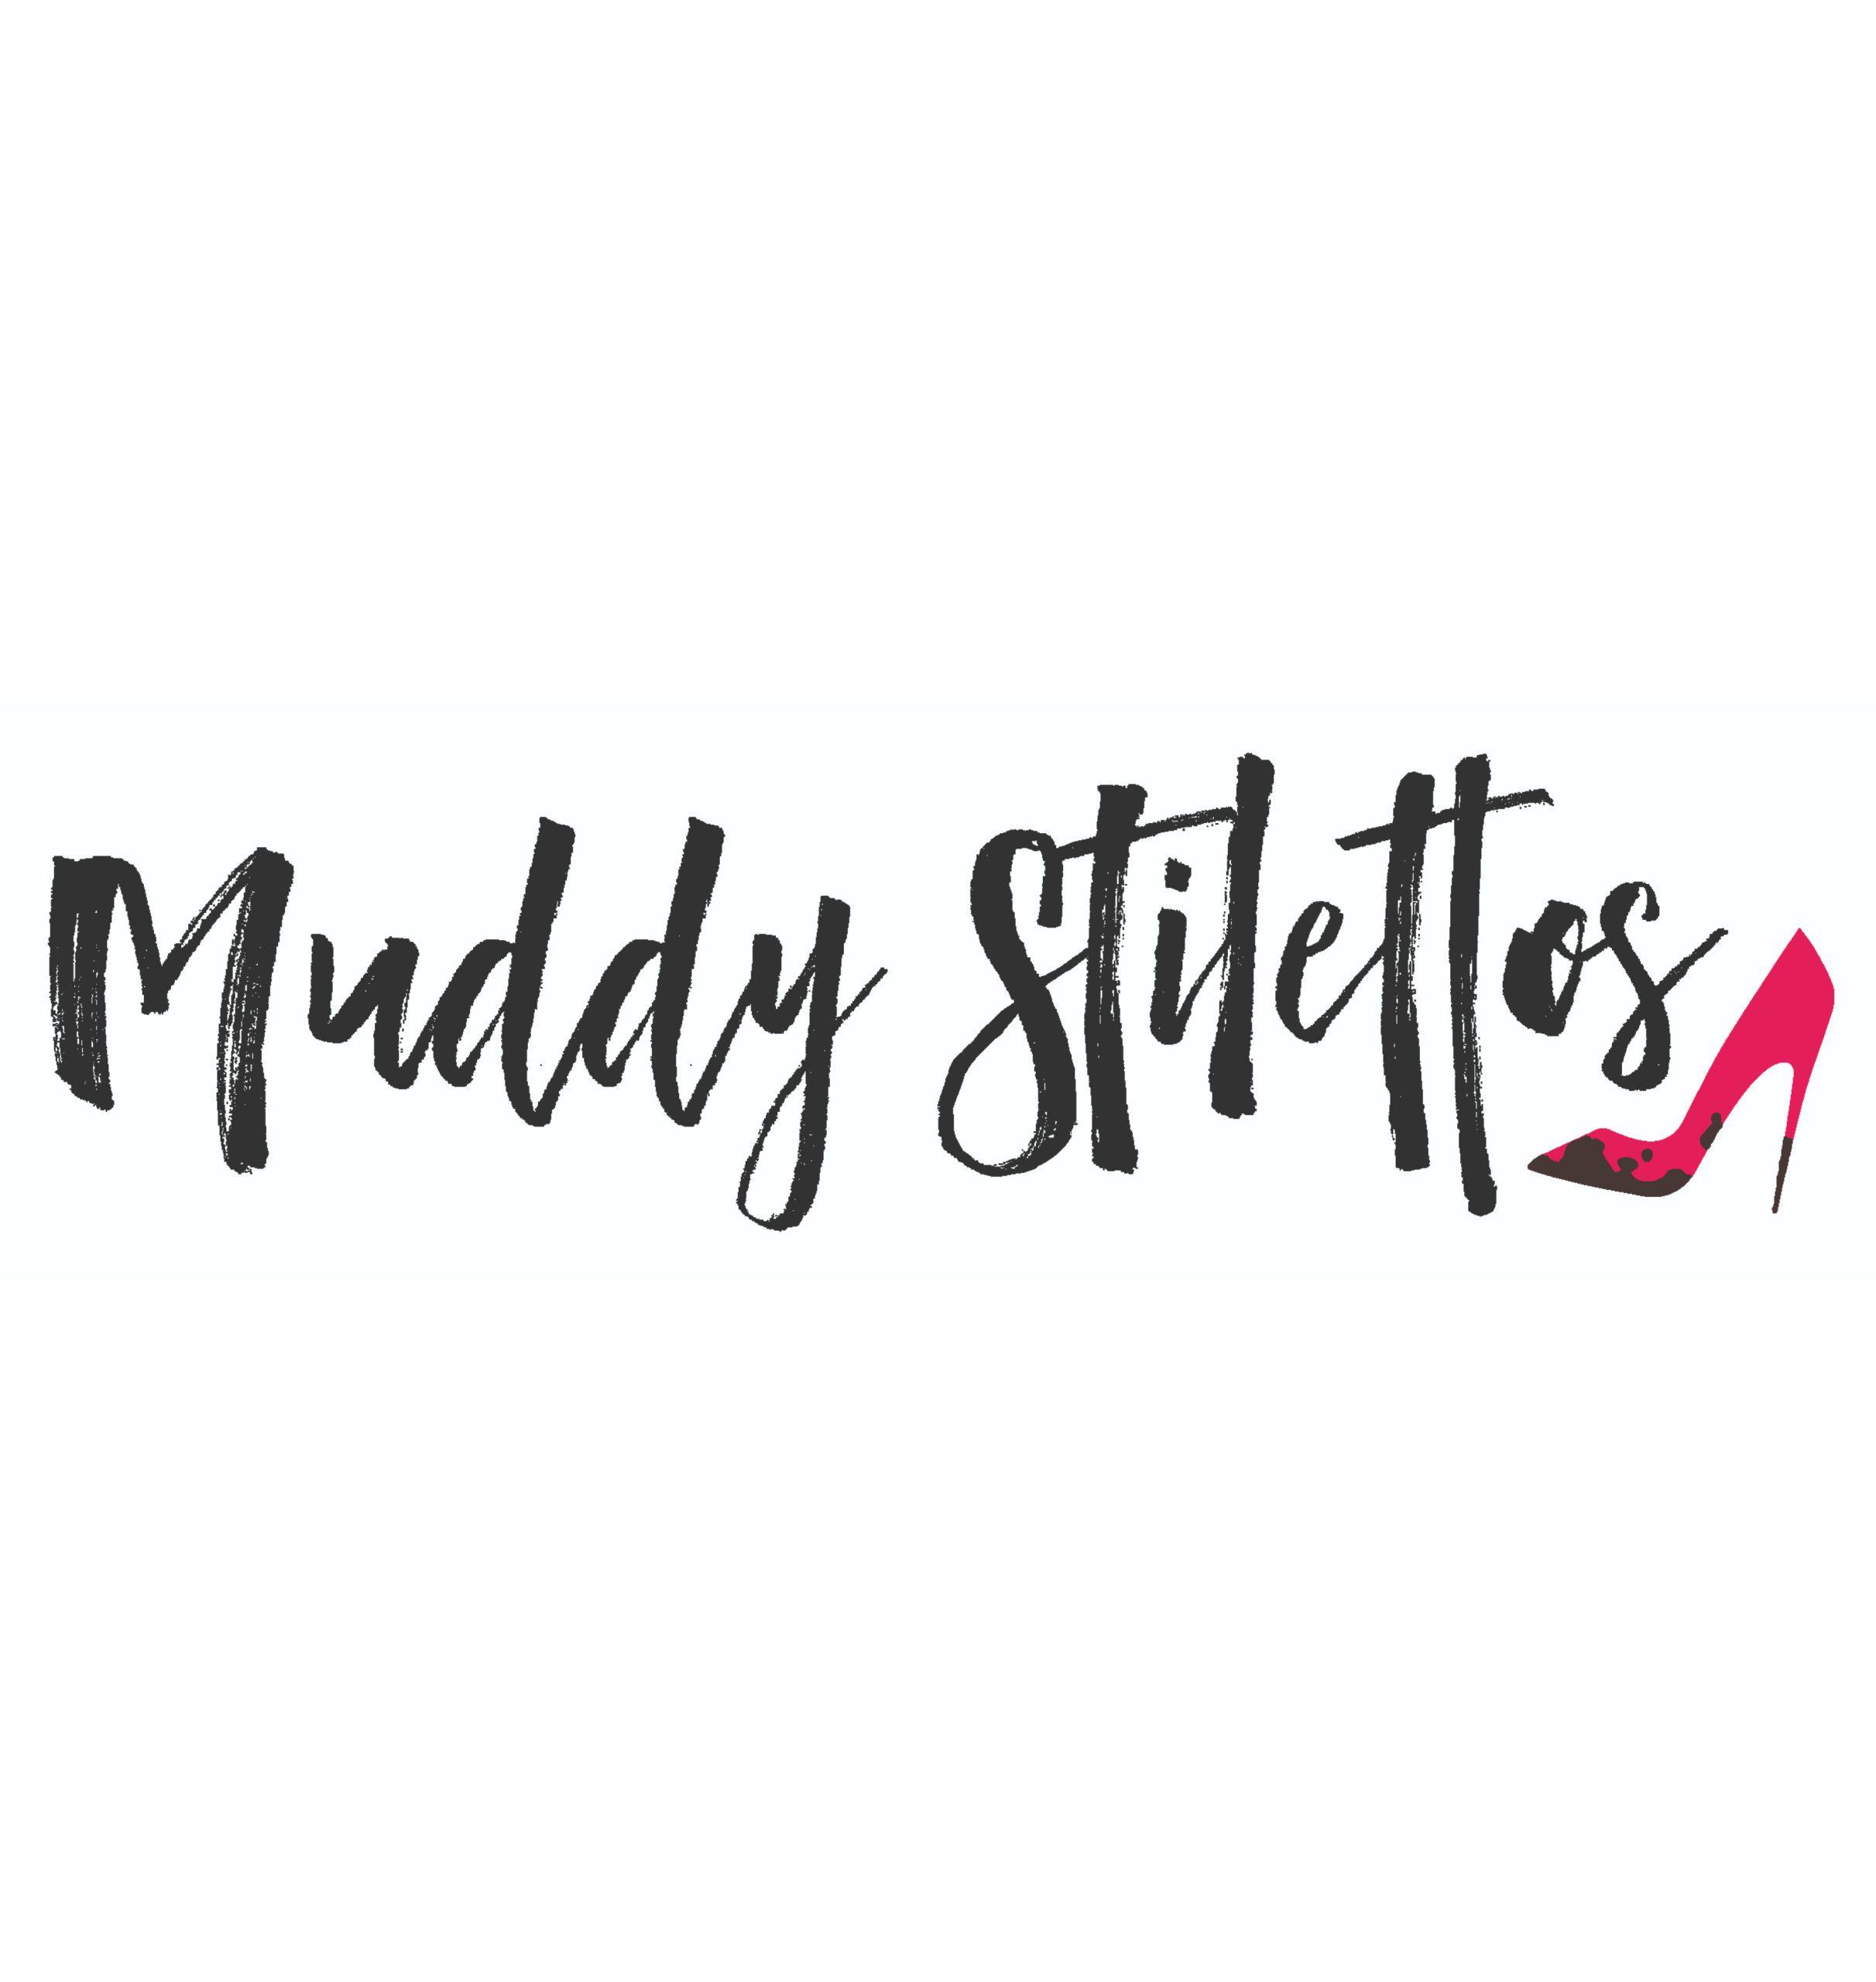 Muddy Stillettos Logo